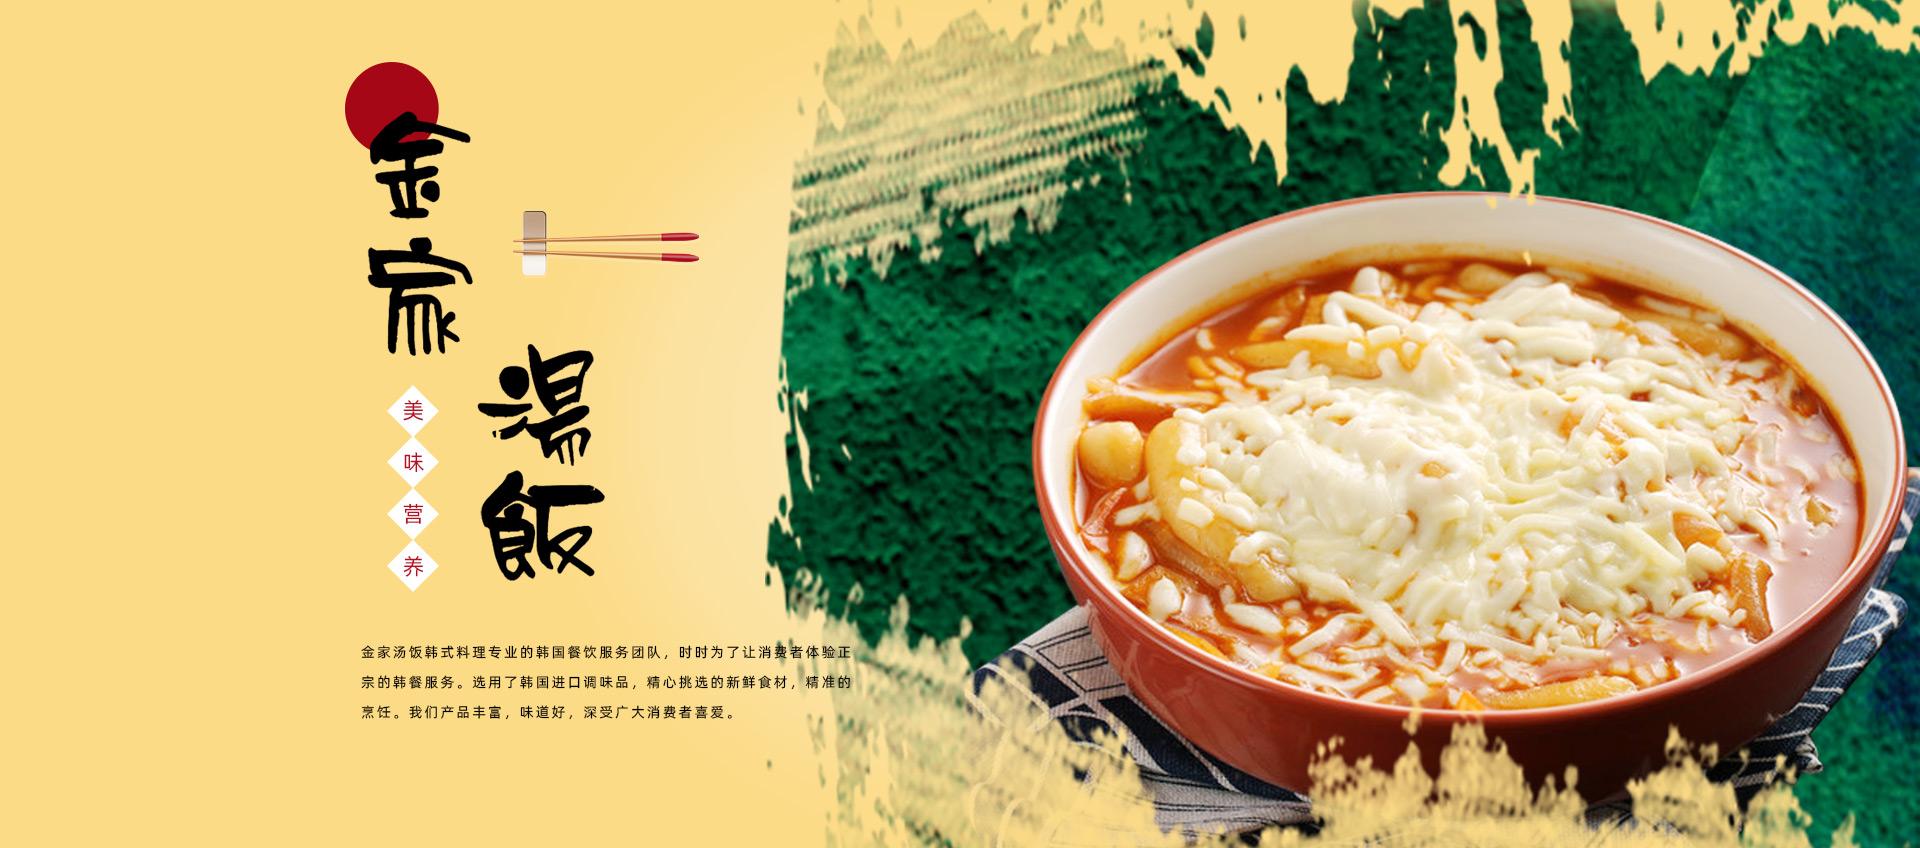 糯米肠网上订餐_餐饮服务订餐电话-金家汤饭韩式料理